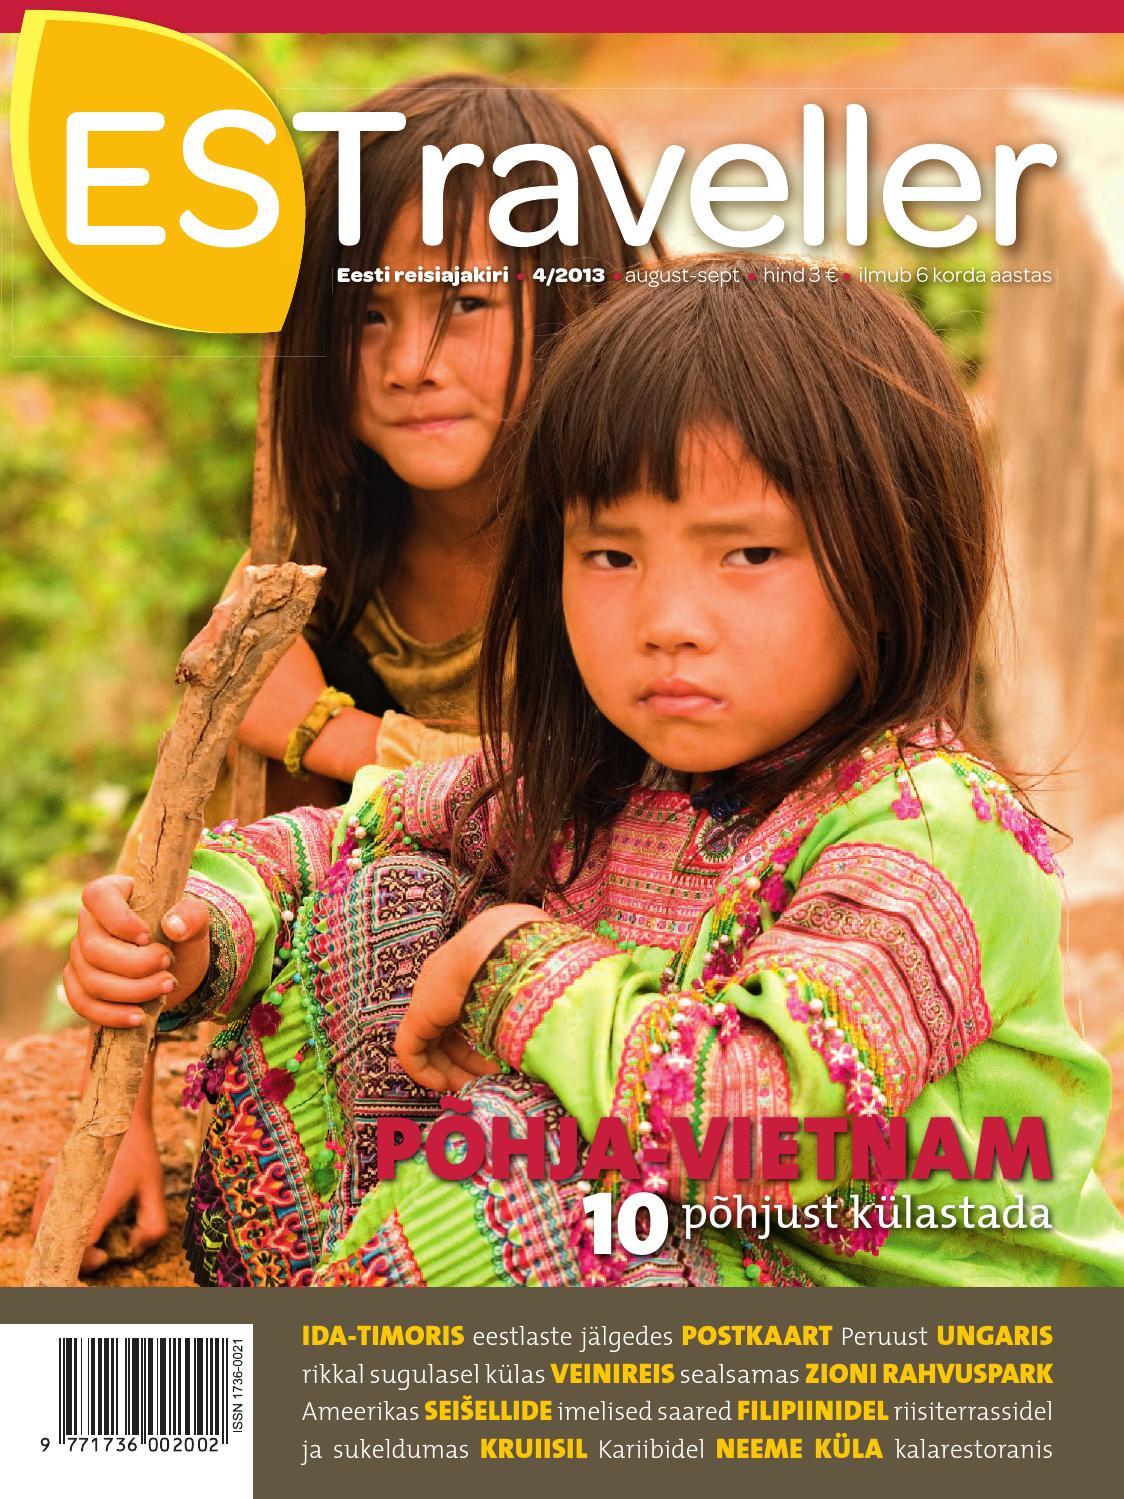 e3f8866338a Estraveller 4 2013 by Estraveller - issuu